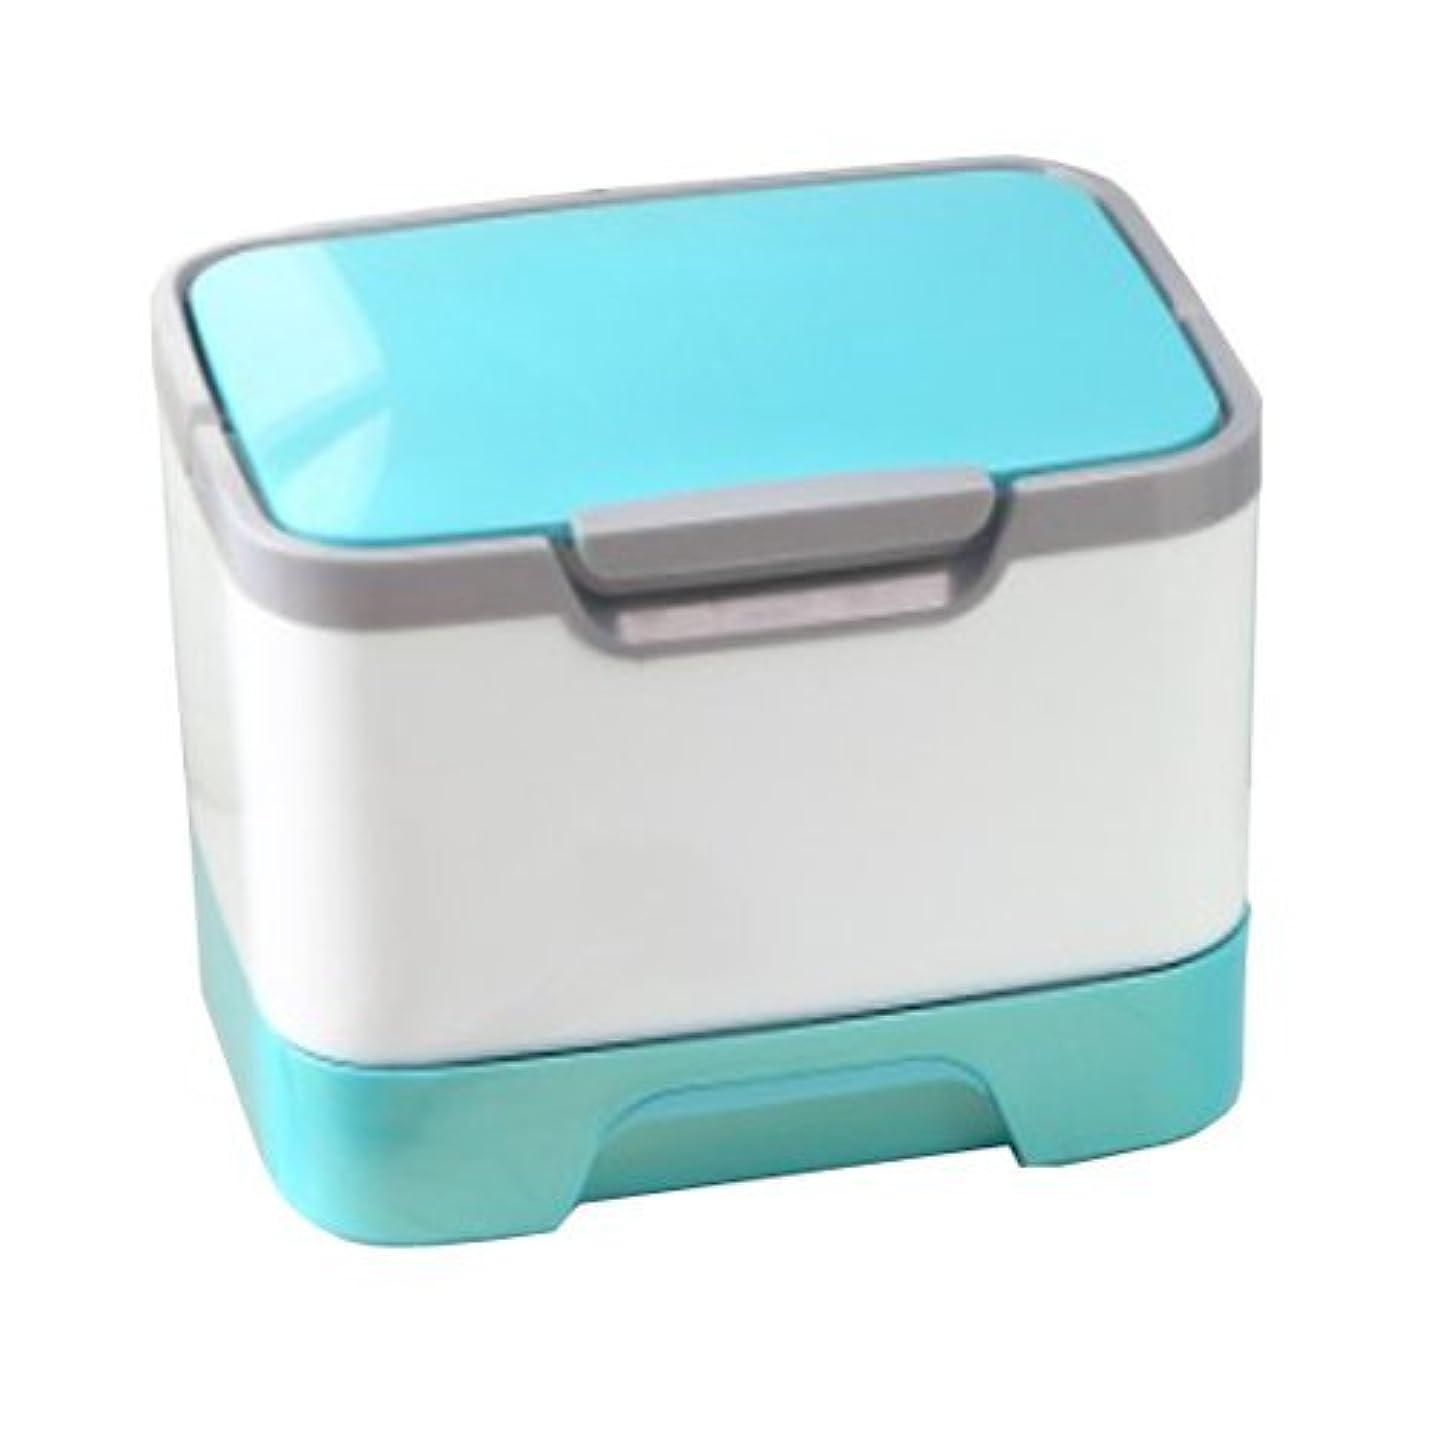 ホイップ心から肌寒いメイクボックス 大容量 かわいい 鏡付き プロも納得 コスメの収納に (ピンク、ブルー、グリーン)